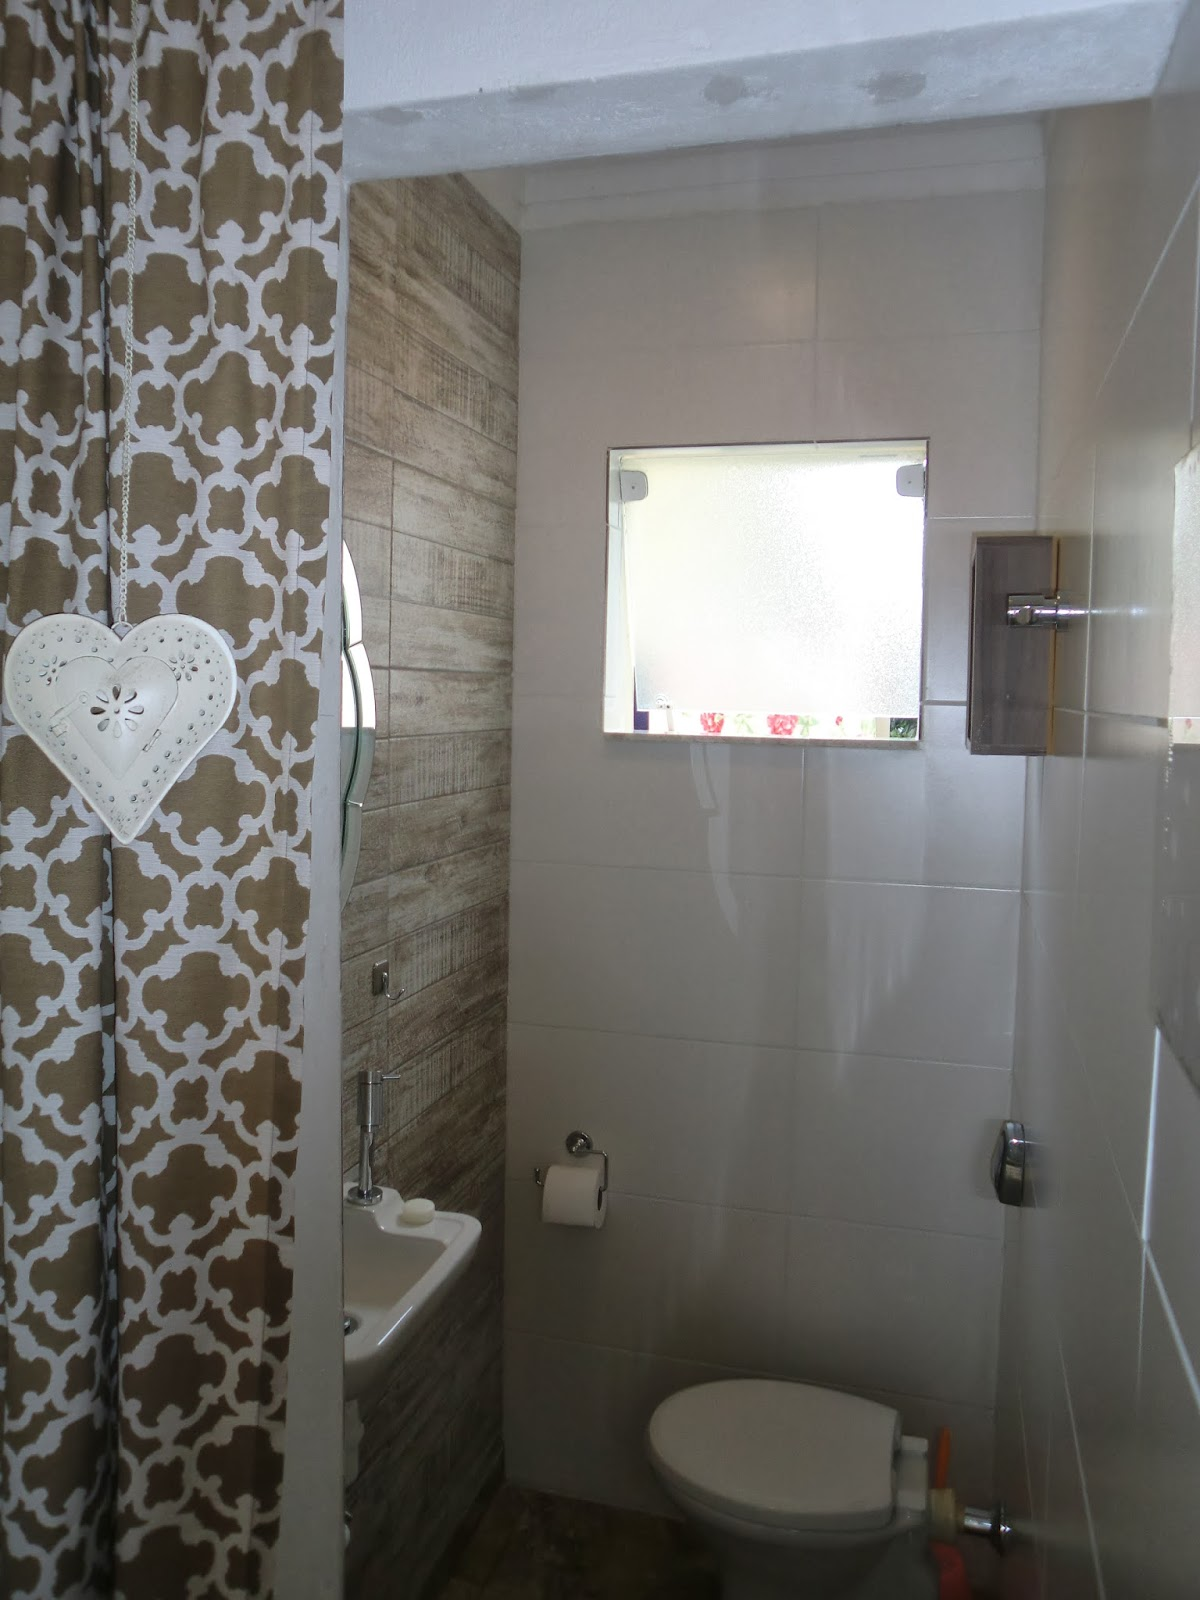 Mini Lavabo Depois da Reforma Antes e Depois Reforma de Banheiro  #566275 1200 1600